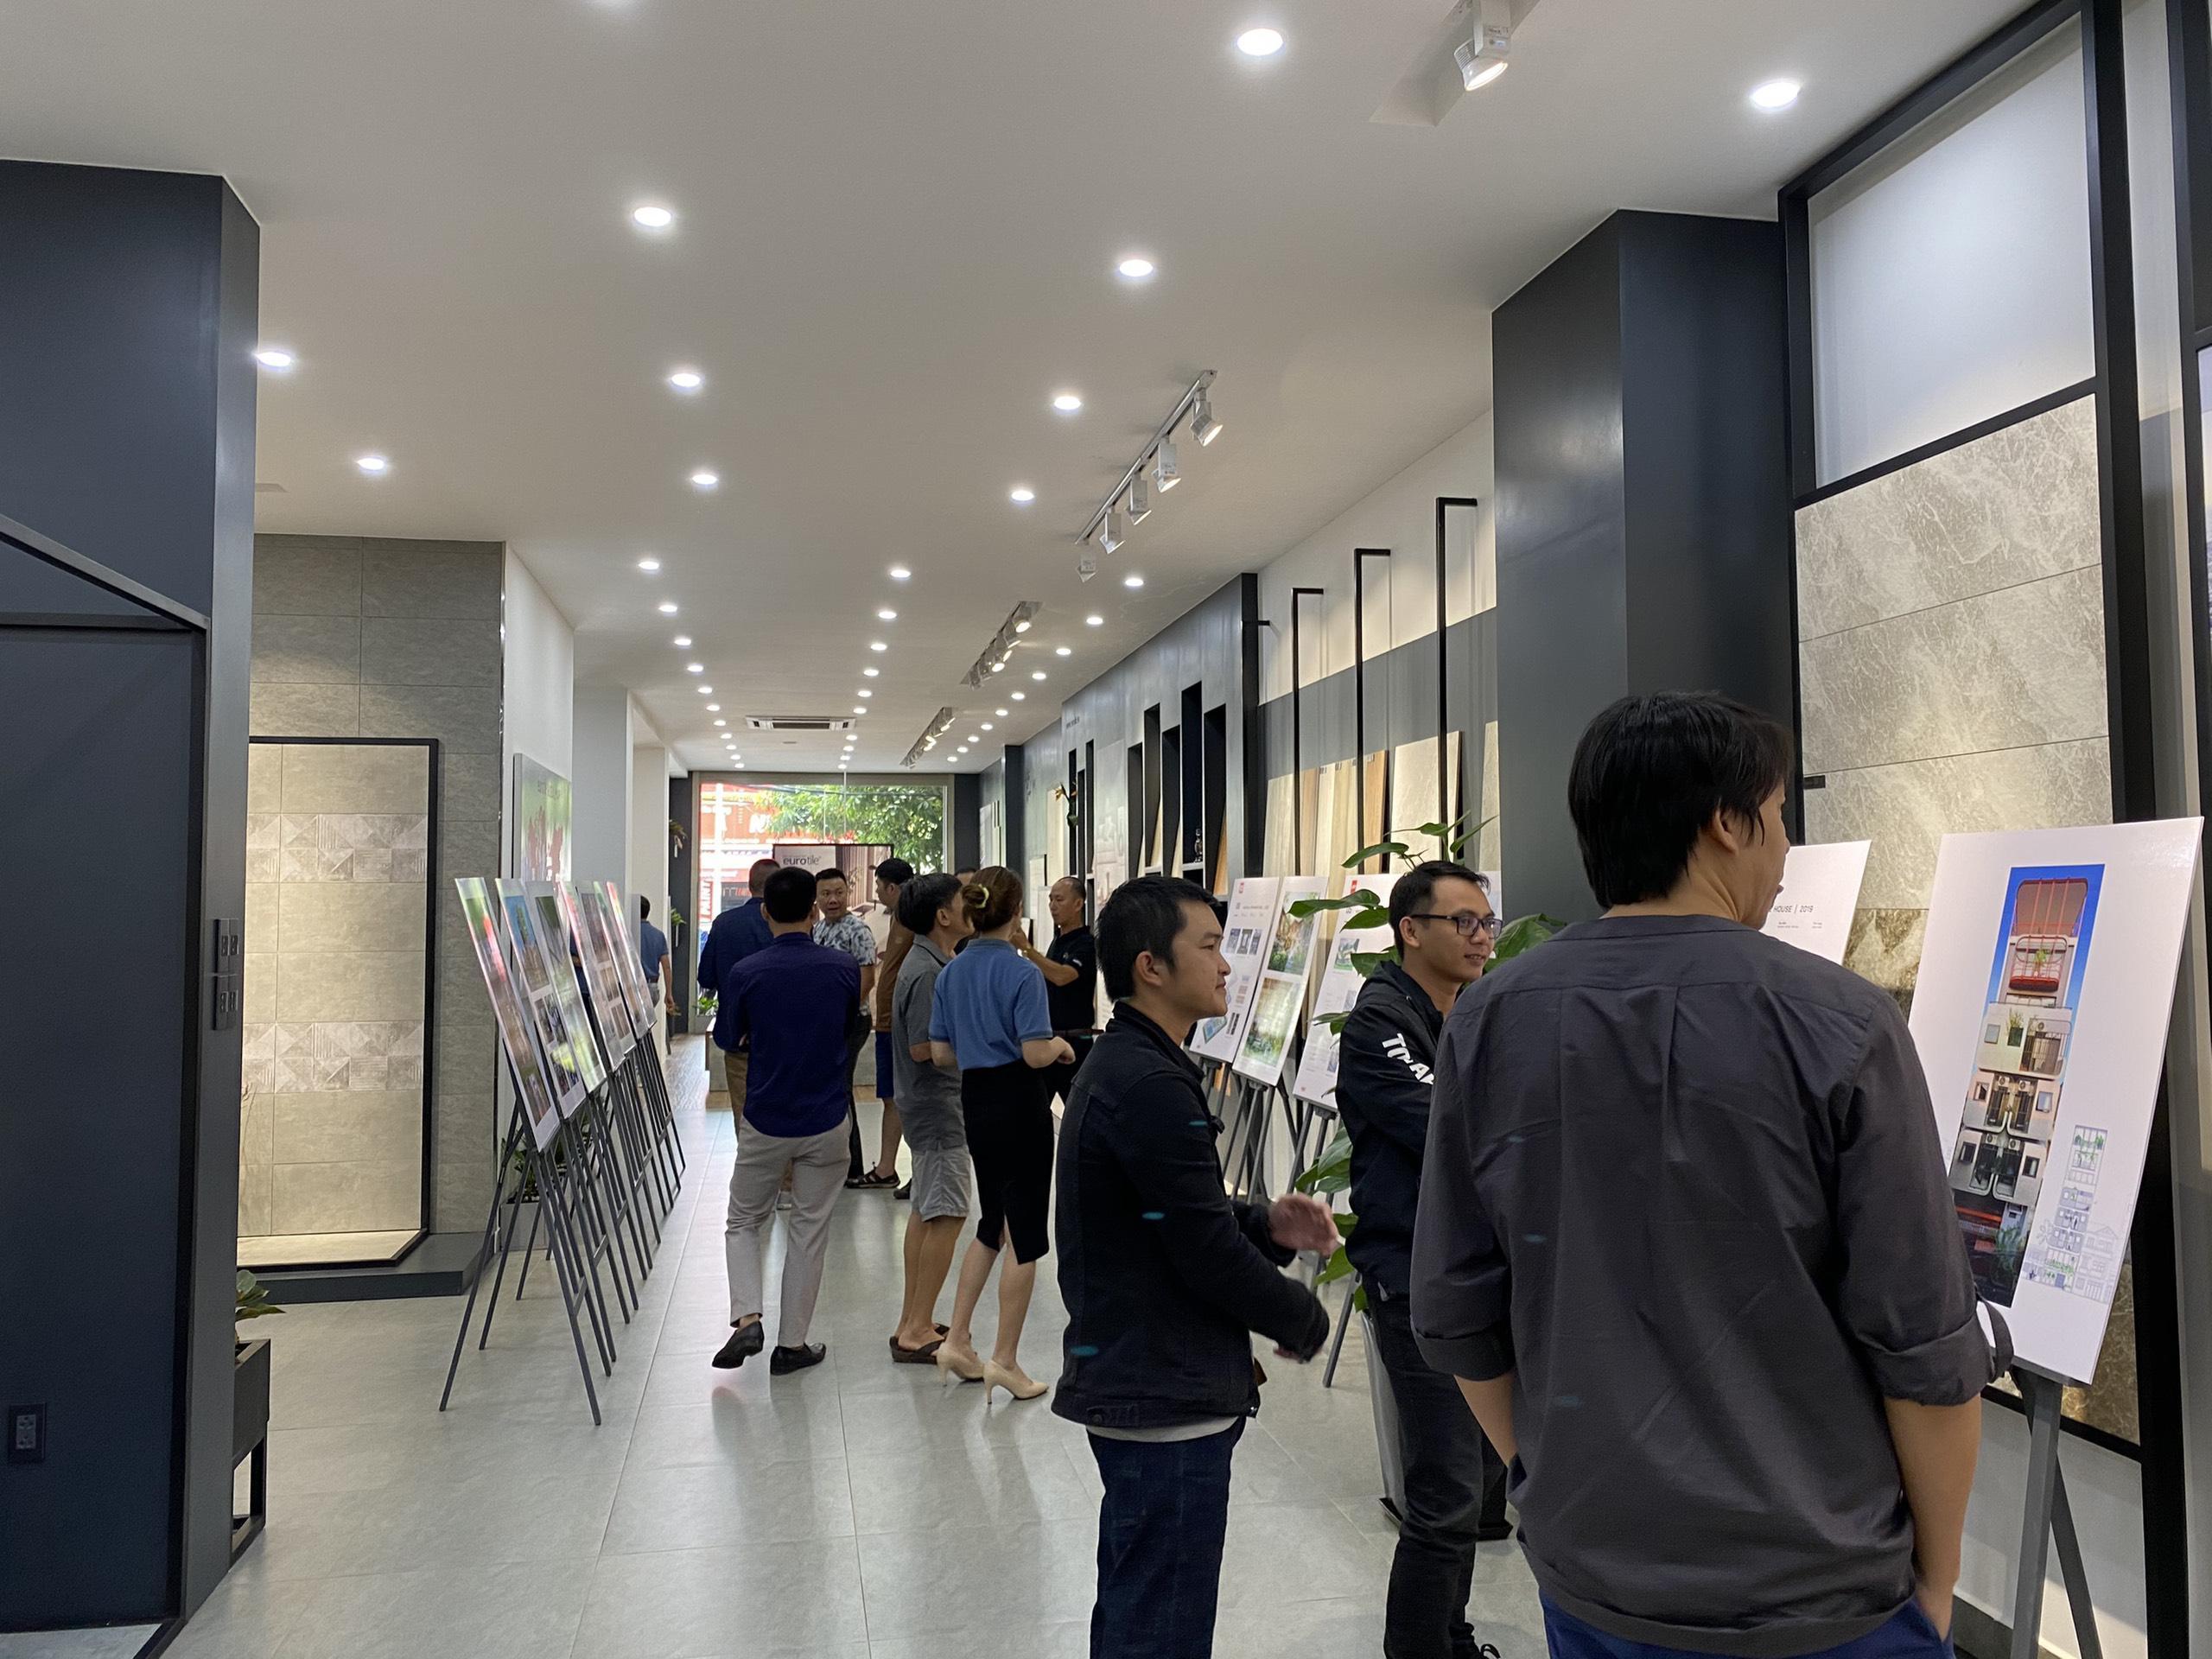 Triển lãm kiến trúc của VUUV Architecture Office tại Eurotile Center Đắk Lắk